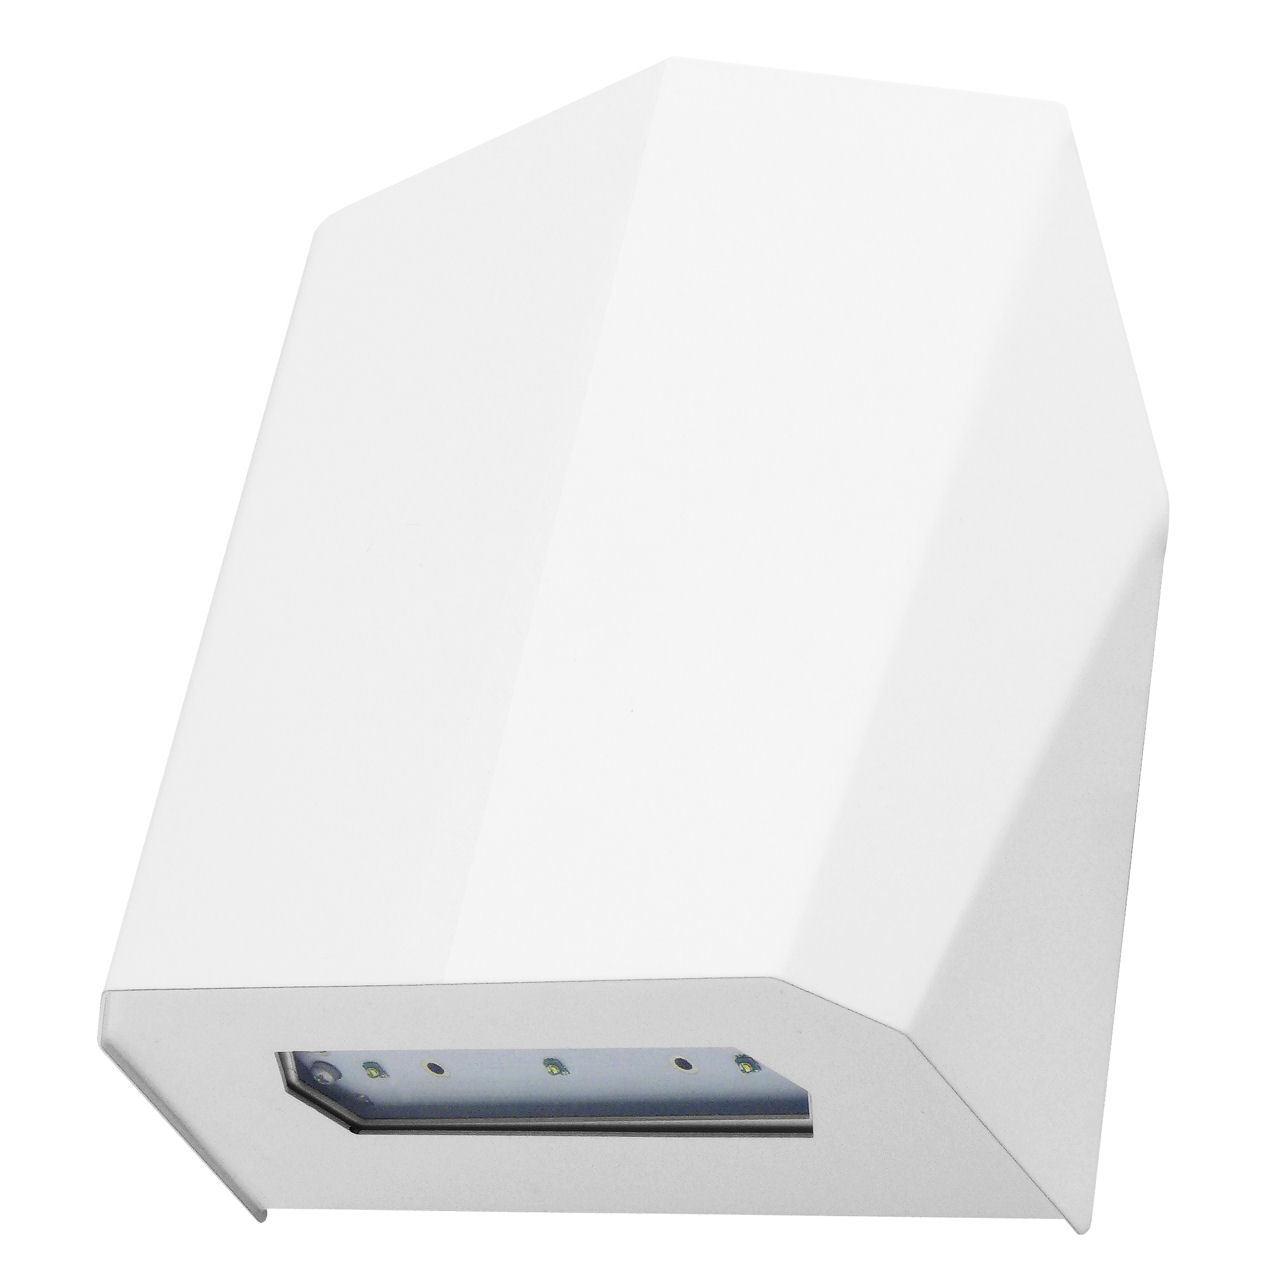 Светодиодный настенный аварийный светильник IP65 для освещения эвакуационных аварийных выходов Outdoor LED